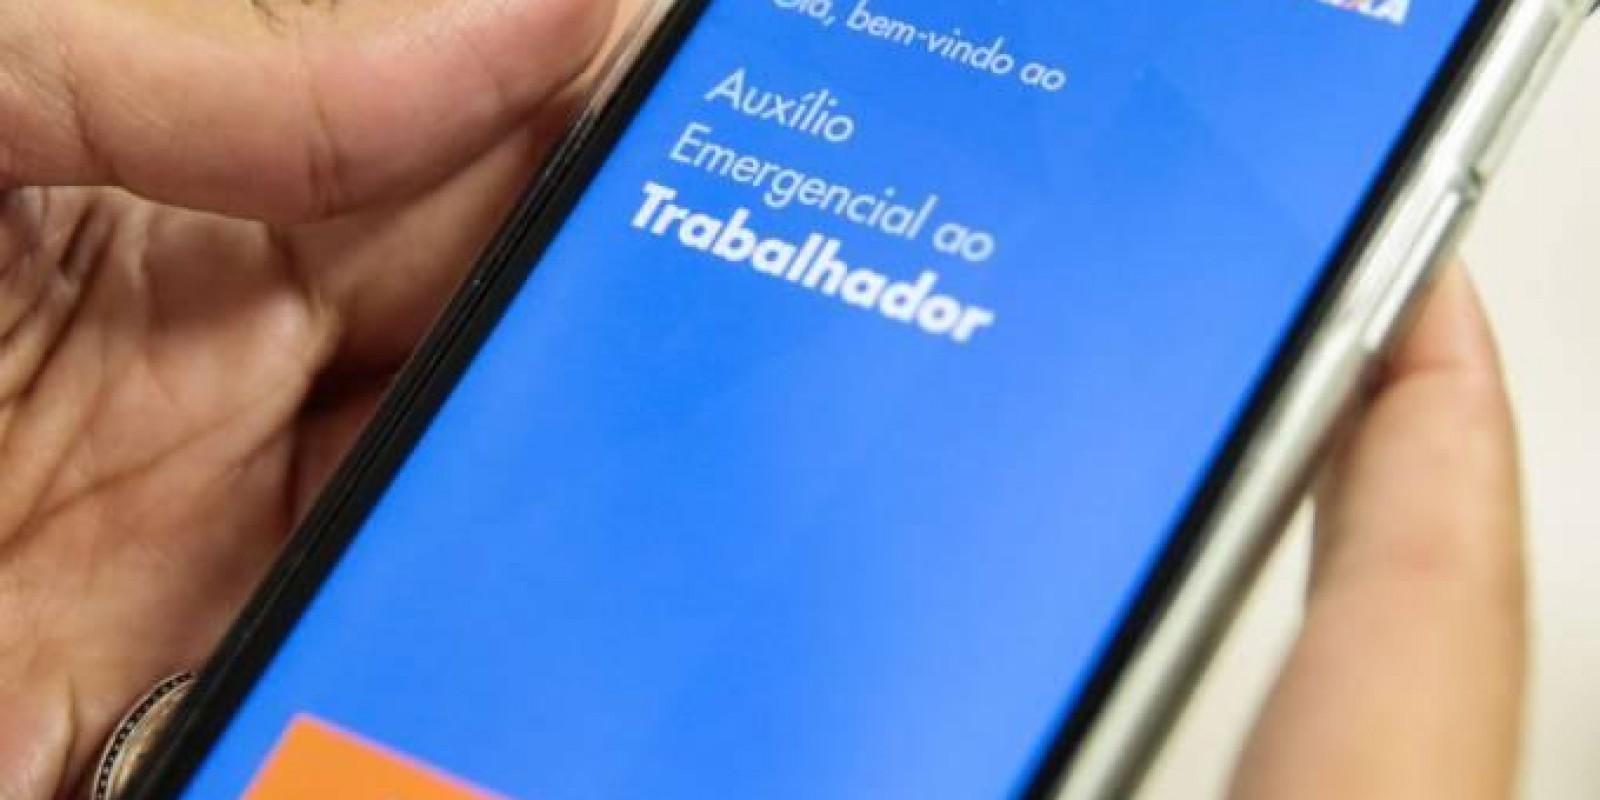 Caixa falha em resolver problemas em apps e central e reclamações explodem